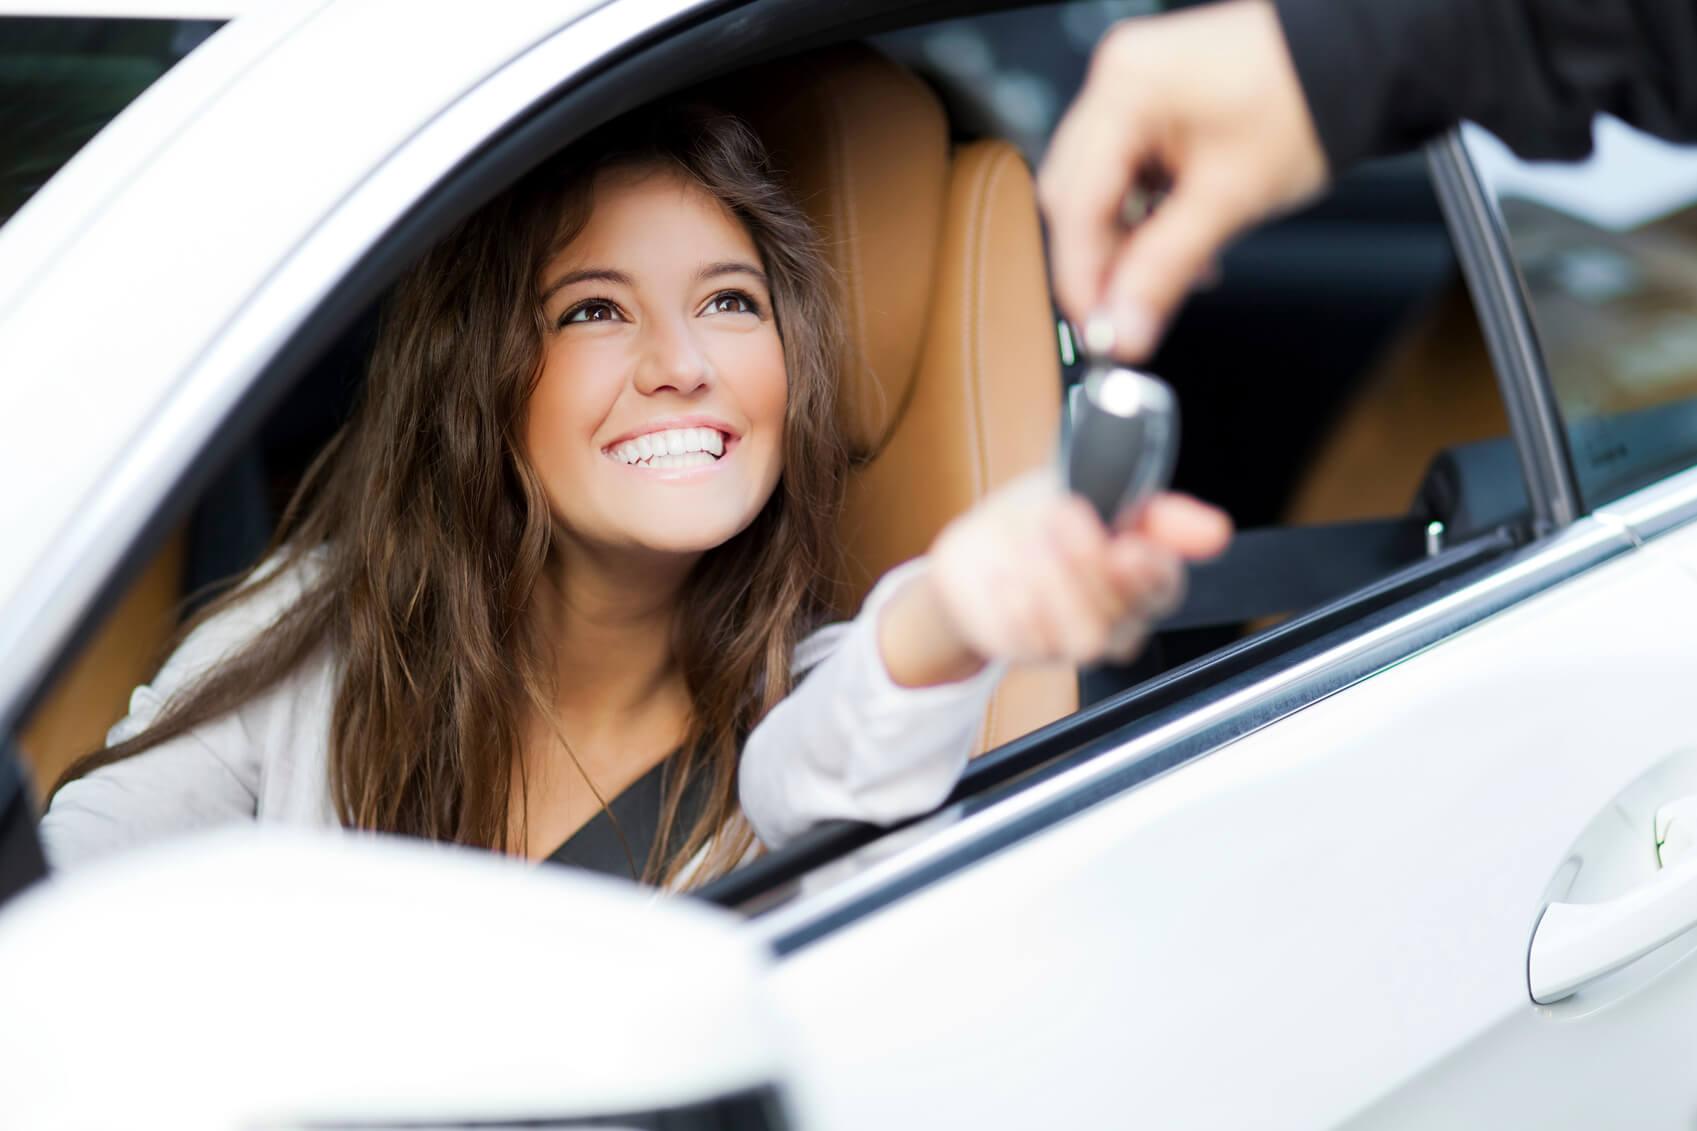 картинки покупаю машину фото последующую